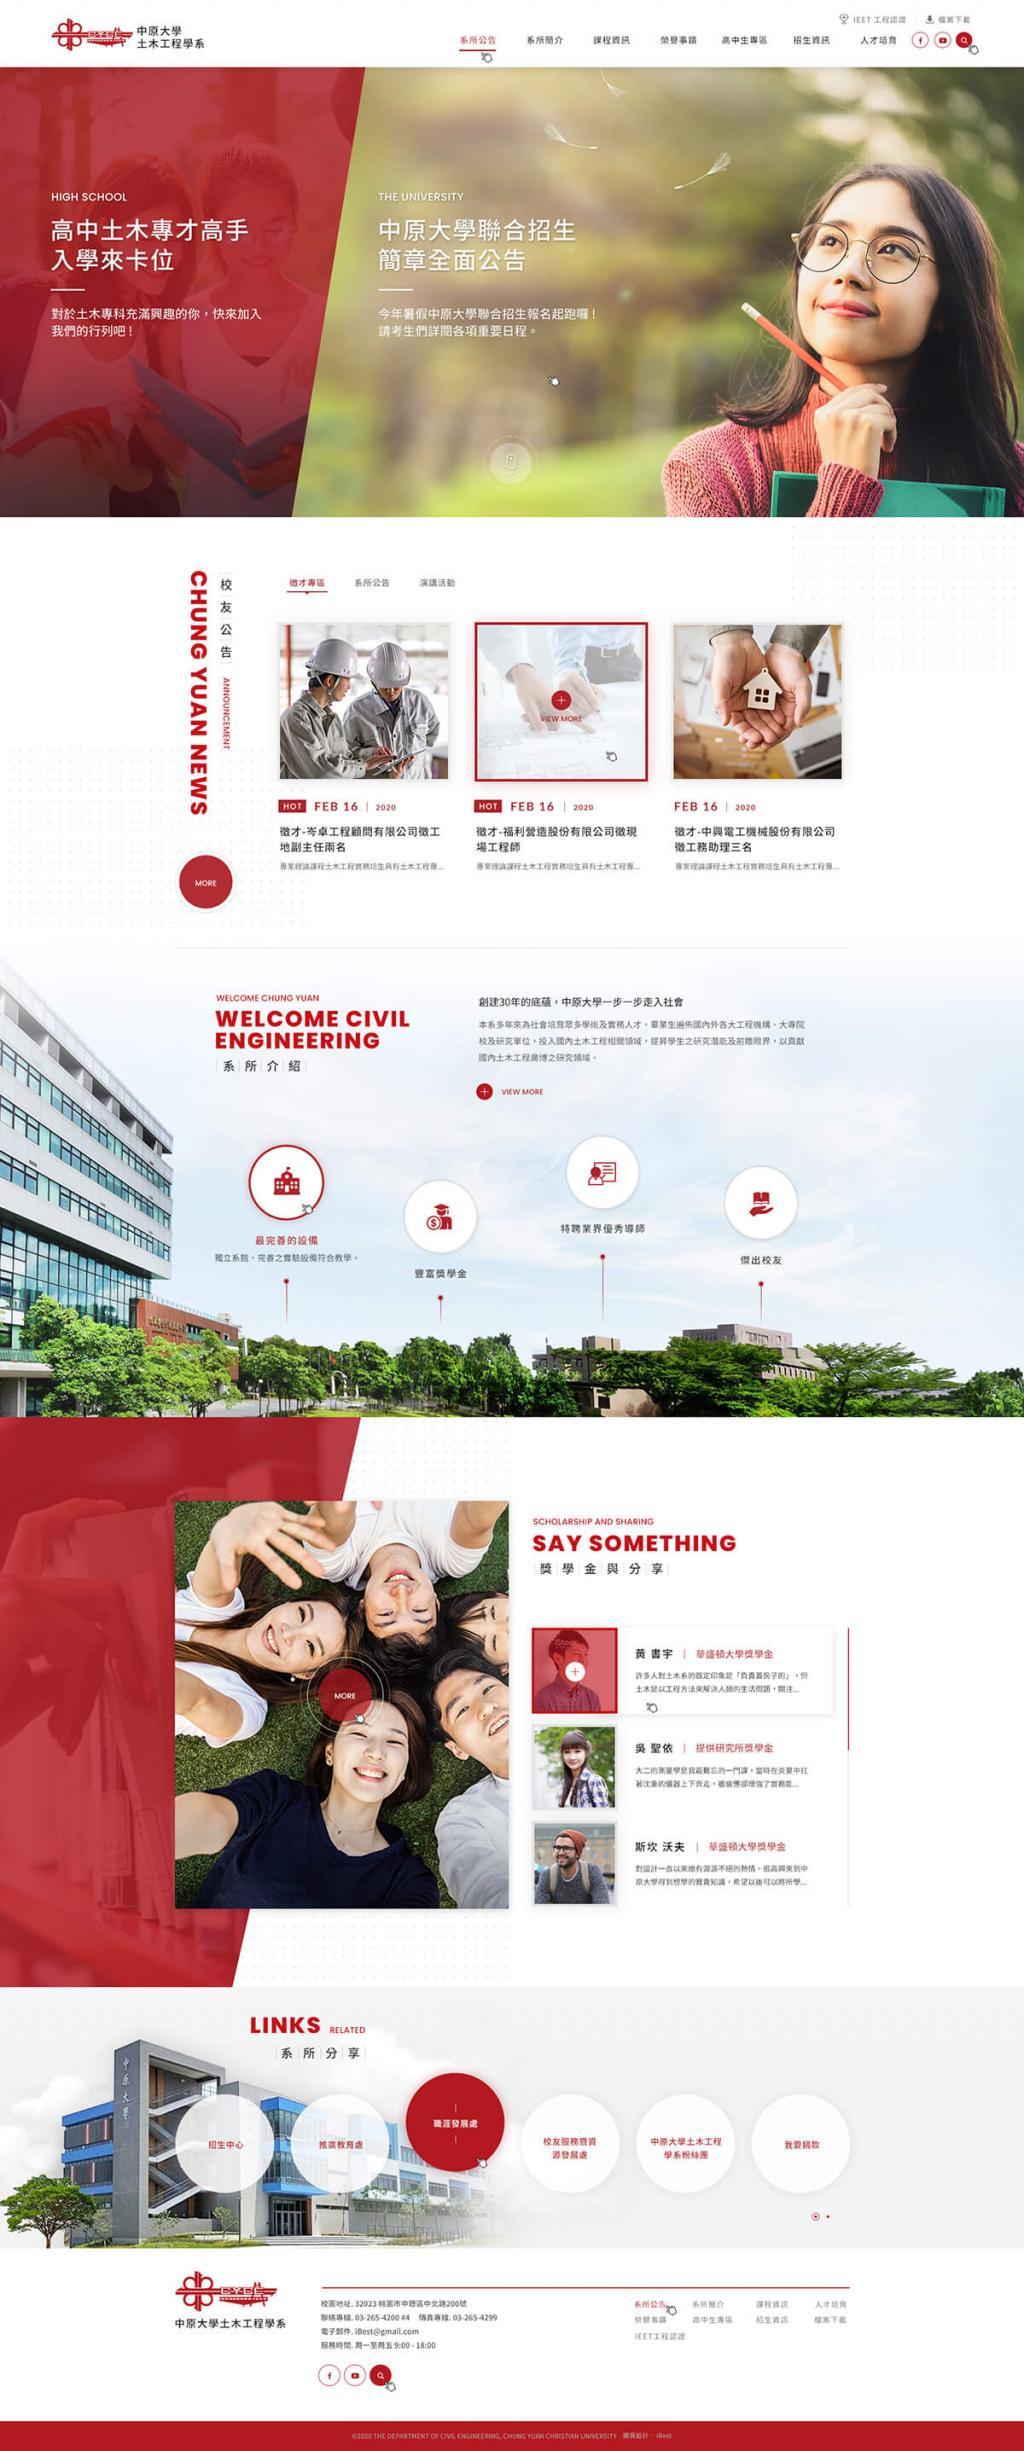 中原大學土木工程學系-網頁設計